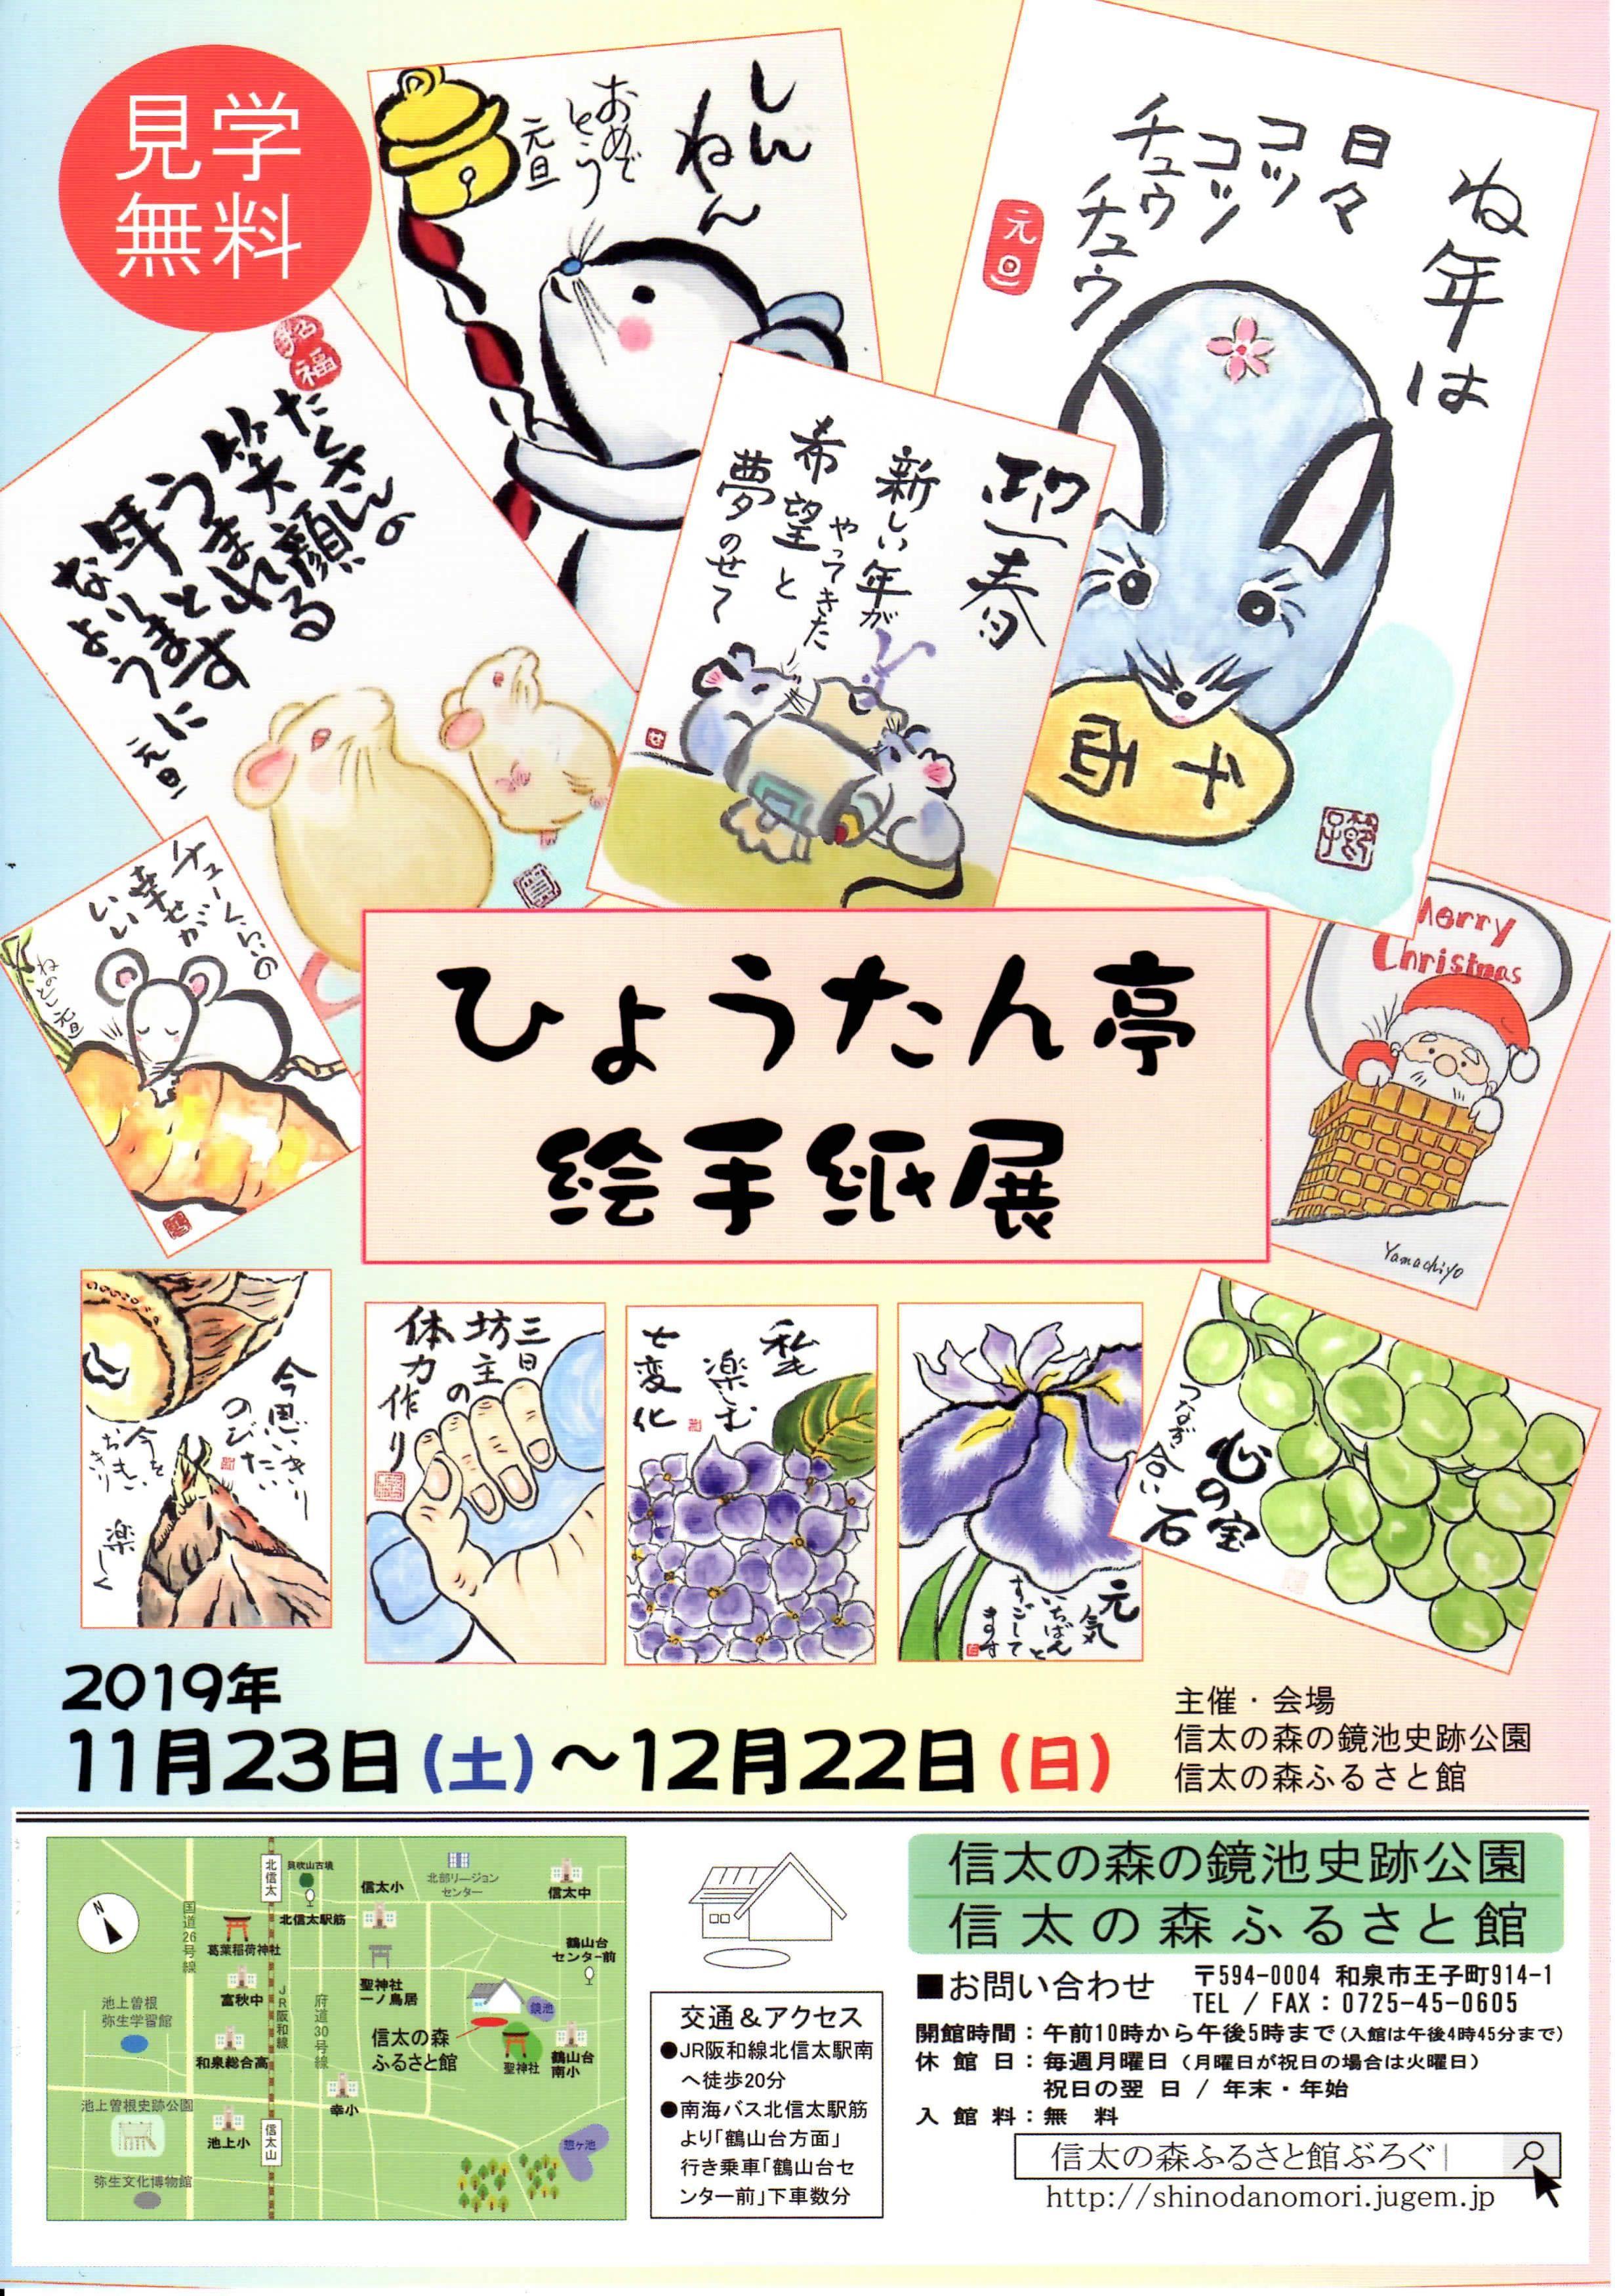 【終了】2019年11/23(土・祝)~12/22(日)ひょうたん亭絵手紙展開催!